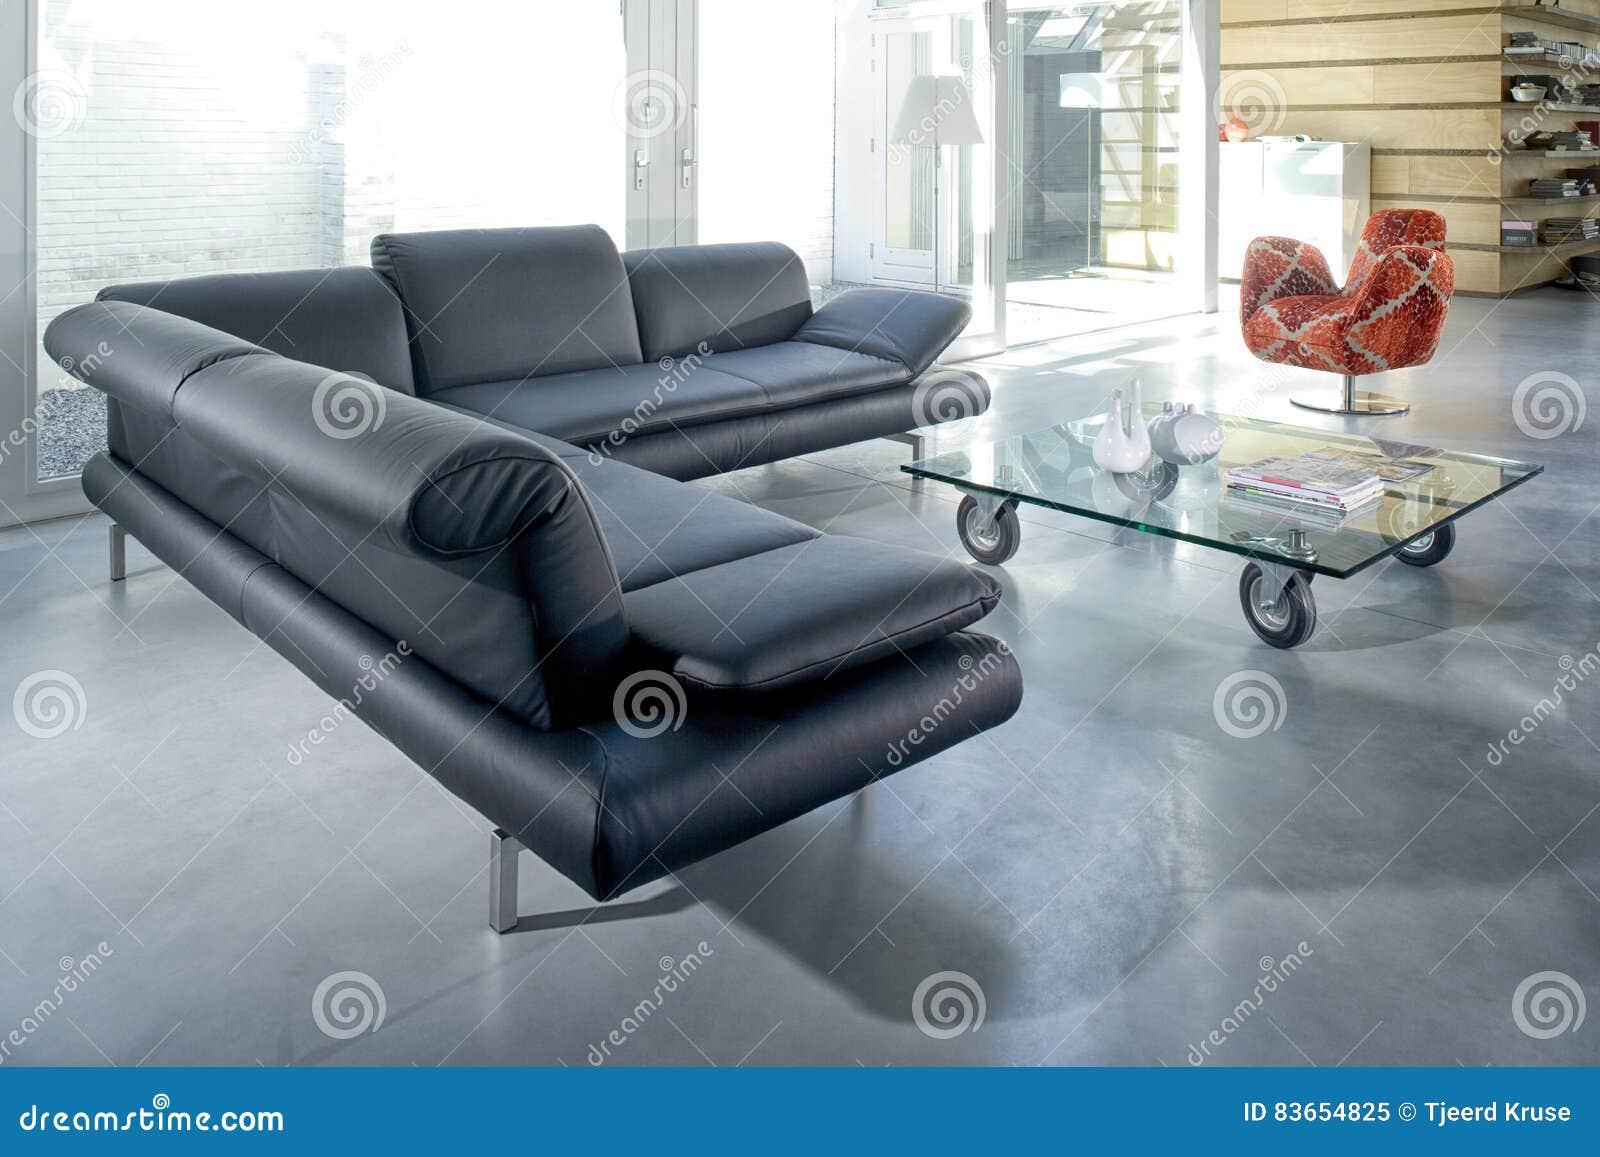 Comfortabele Grijze Hoekbank.Elegante Zitkamer Met Grijze Comfortabele Hoekbank In Een